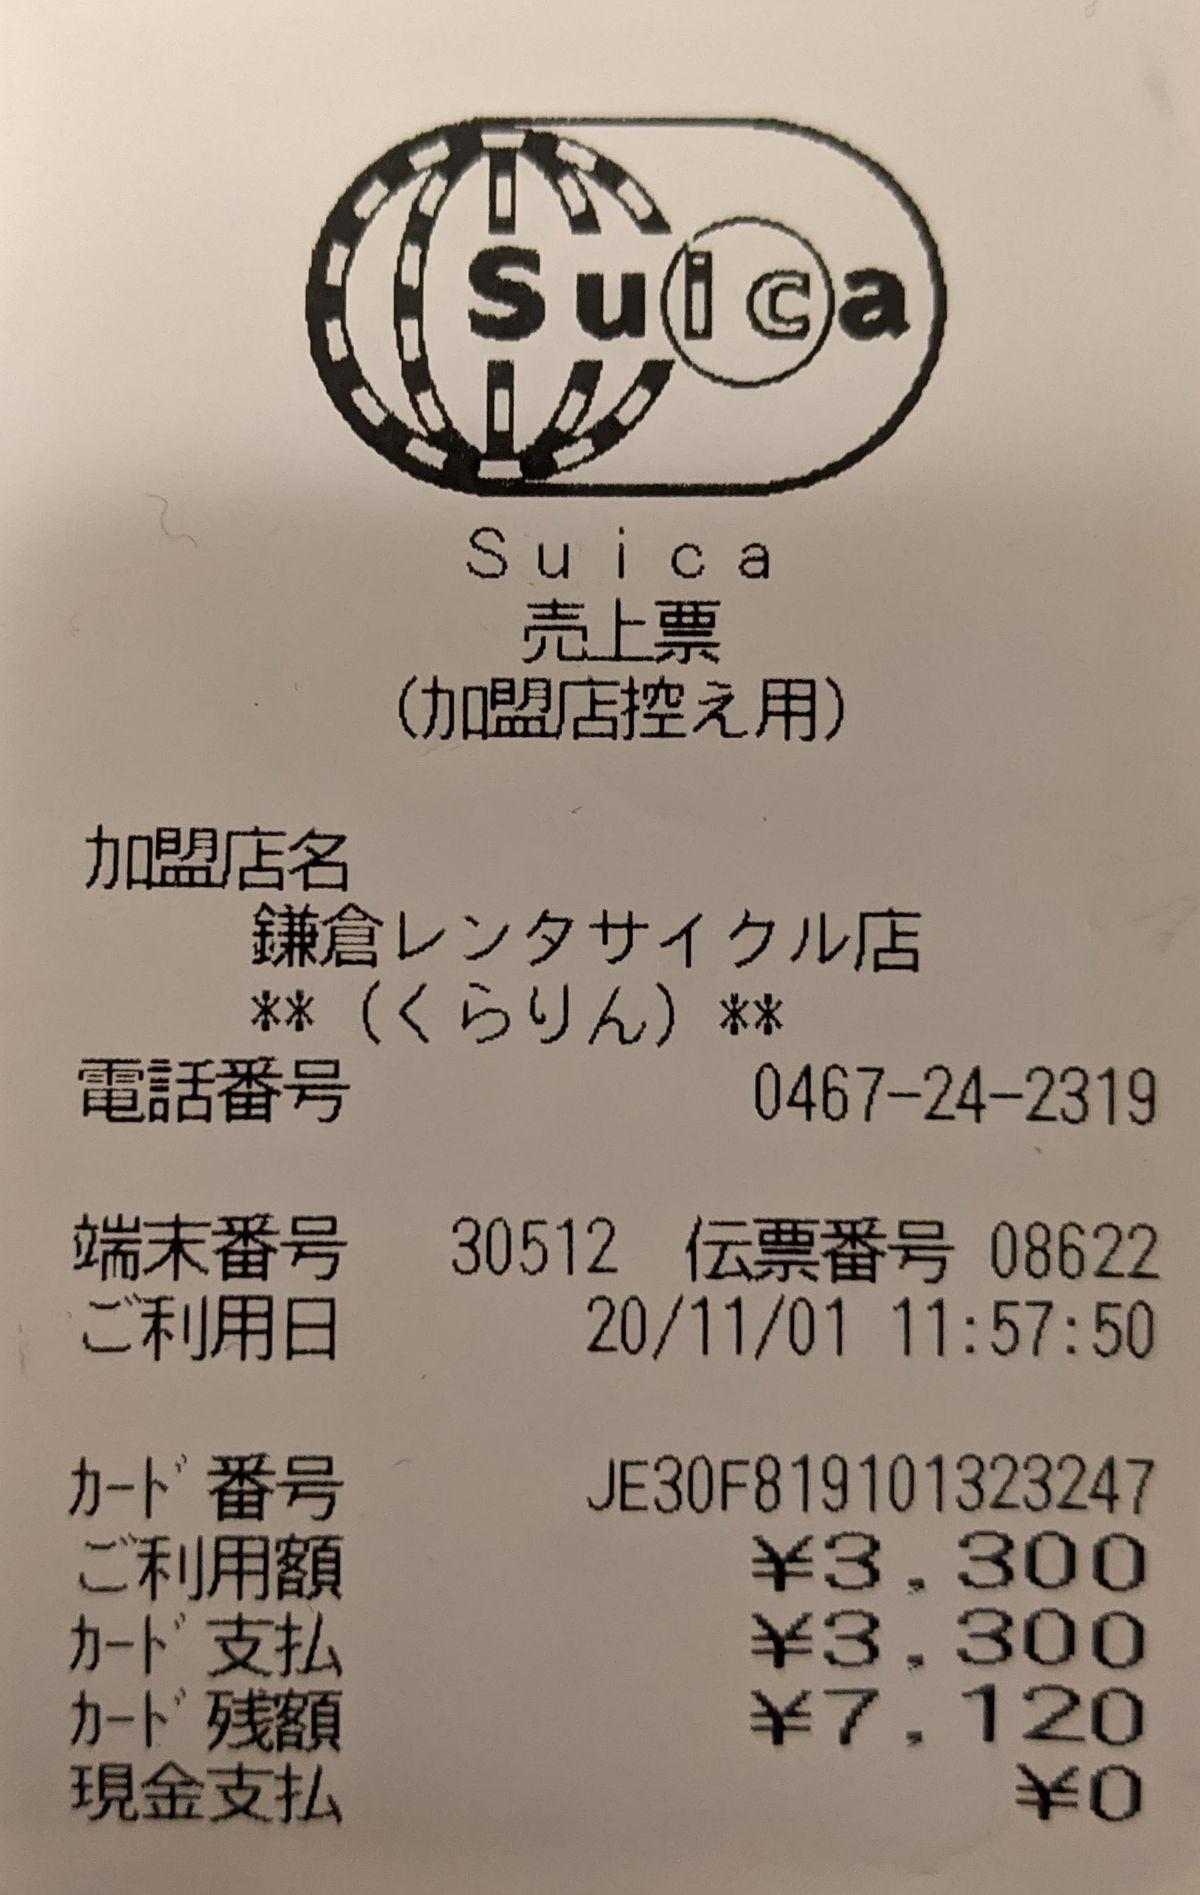 鎌倉レンタルサイクル「くらりん」の領収書